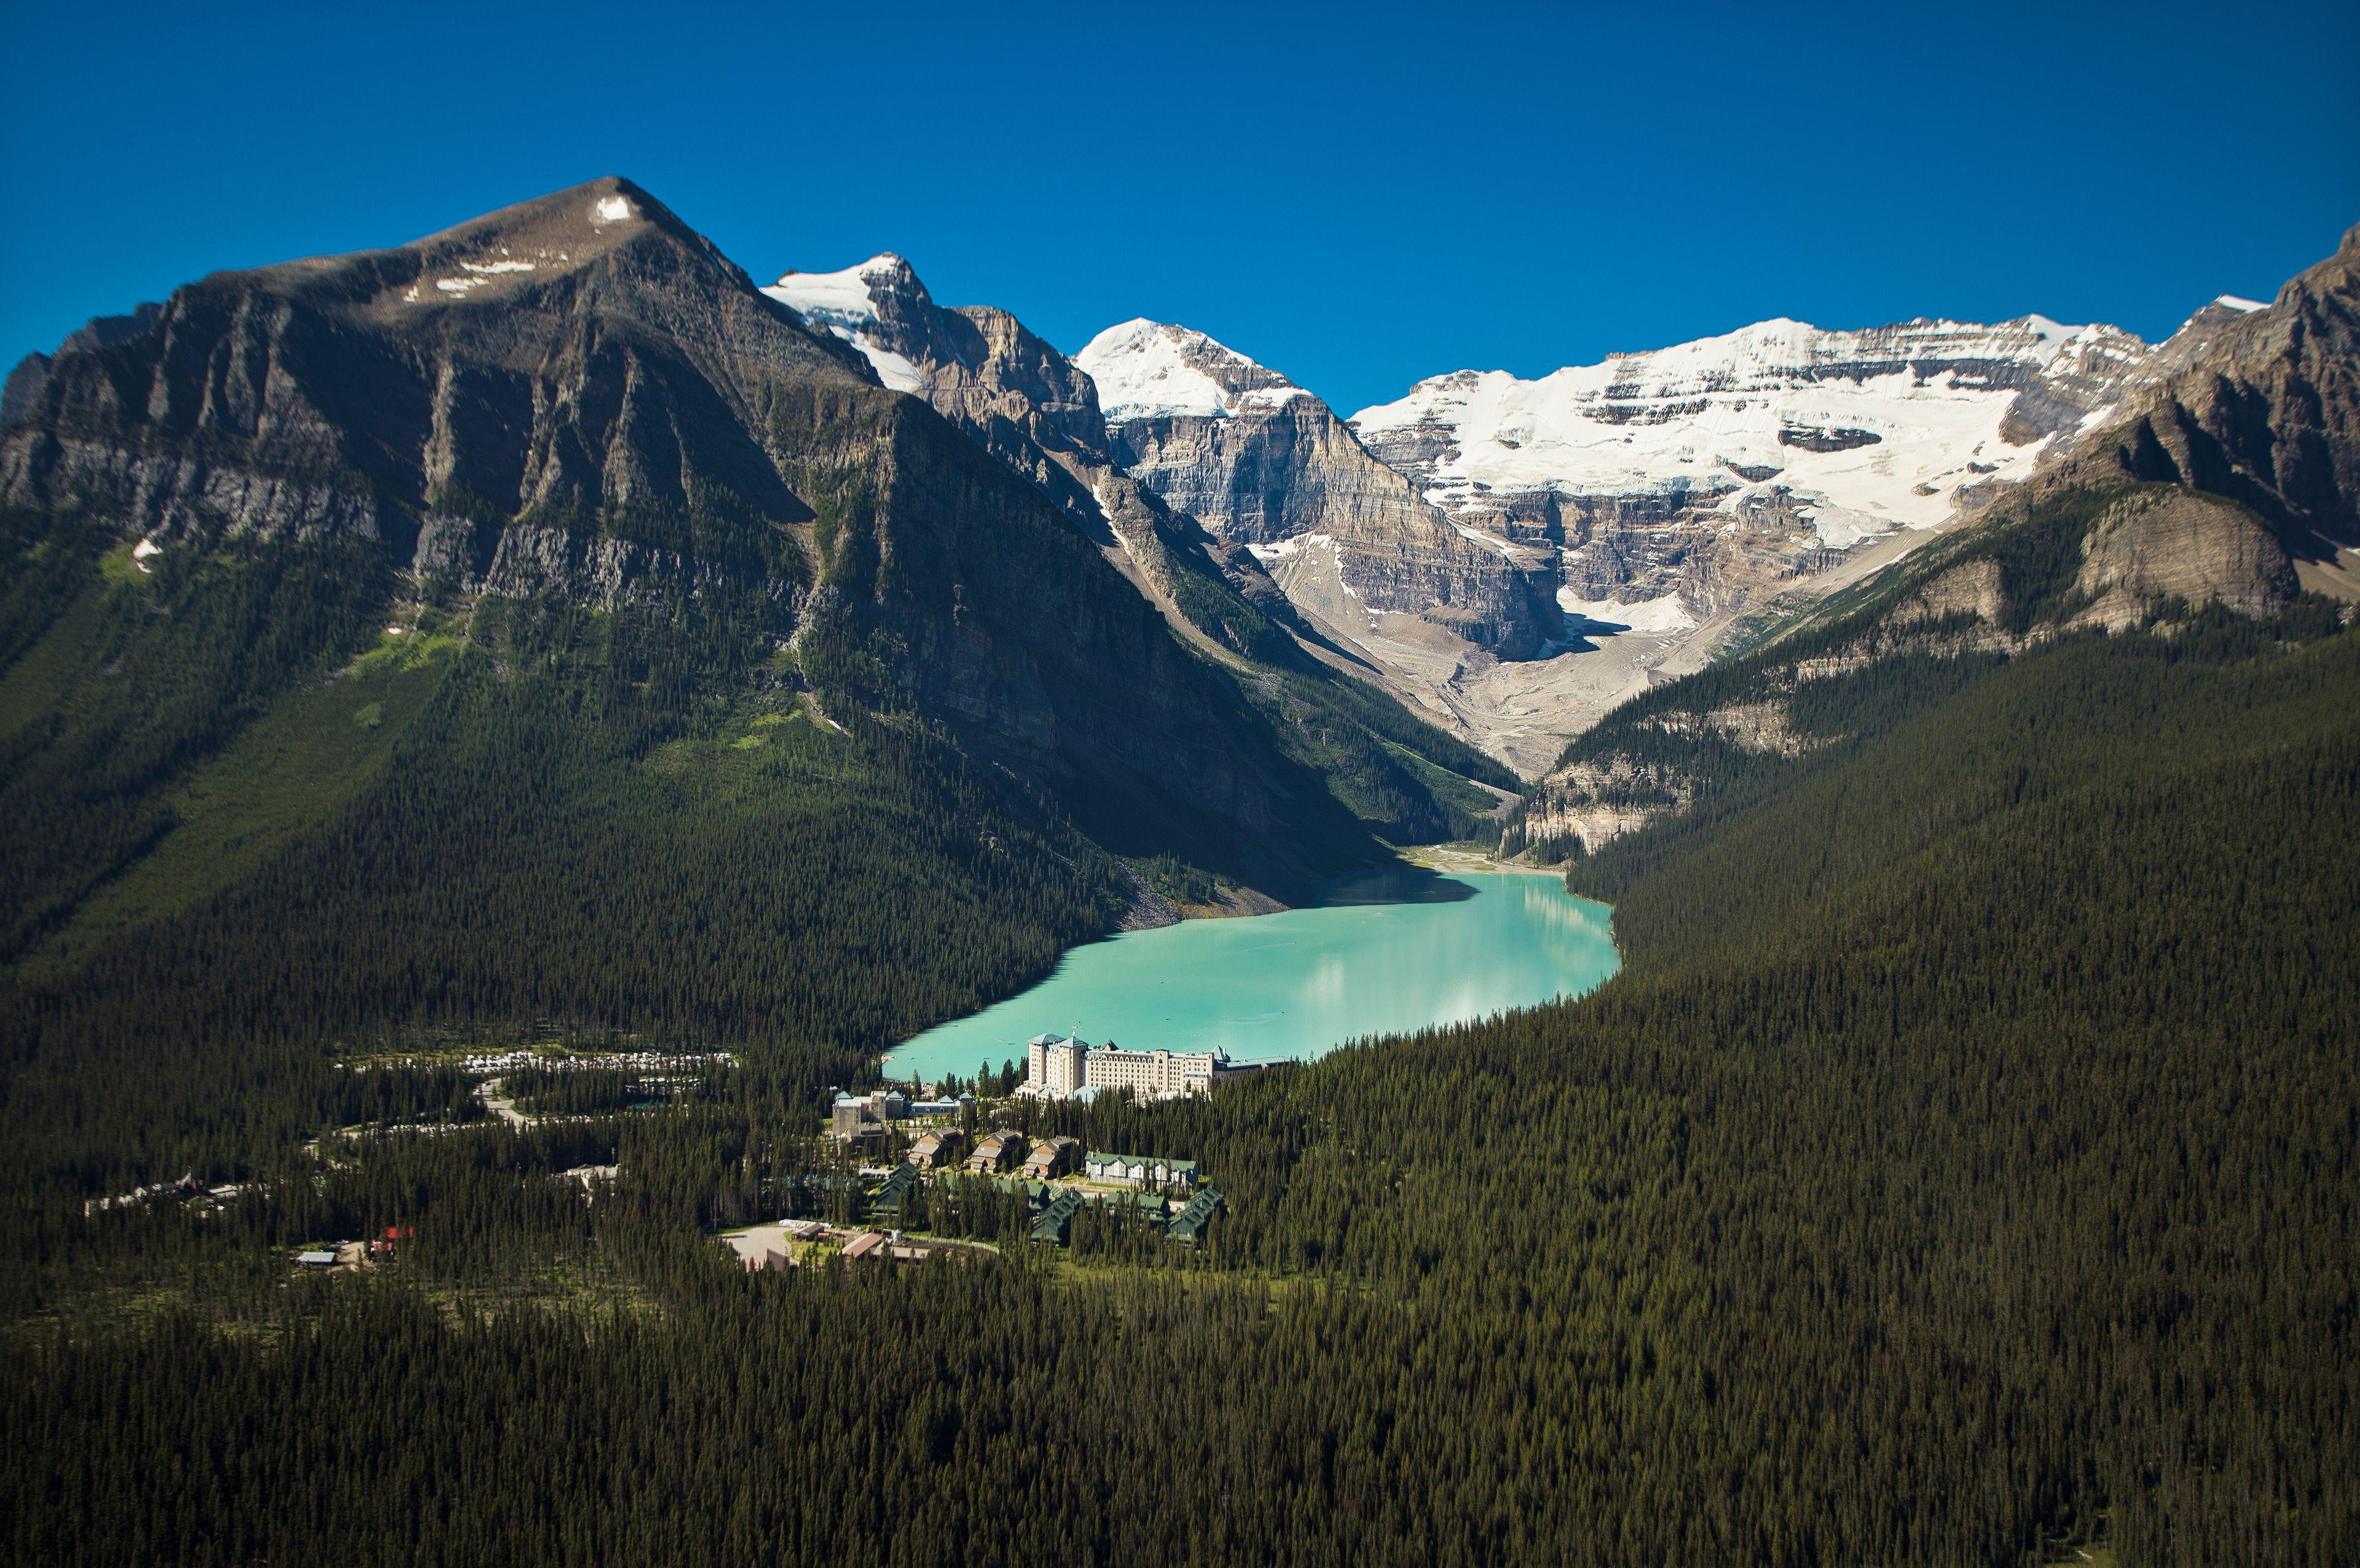 Courtesy of Fairmont Château Lake Louise / Expedia.com